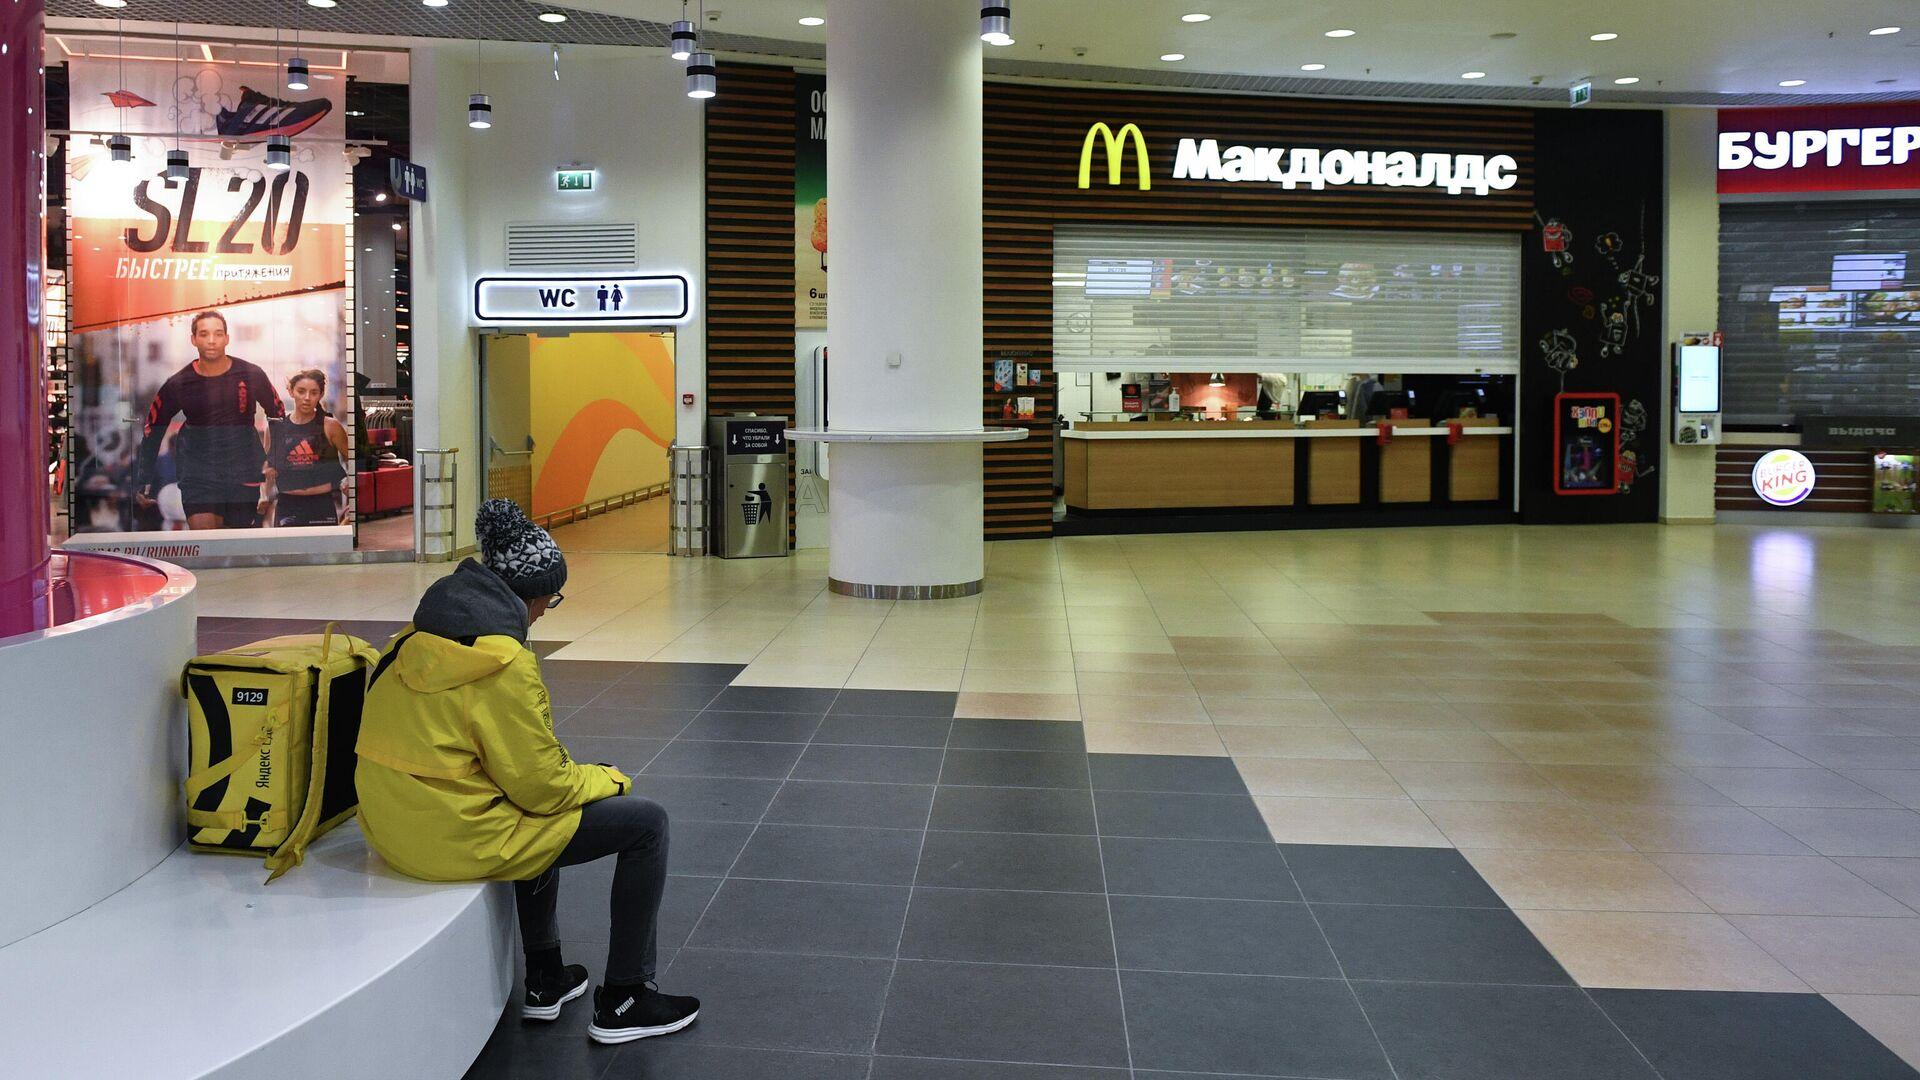 Закрытый фуд-корт в торговом центре Галерея Новосибирск - РИА Новости, 1920, 24.08.2020